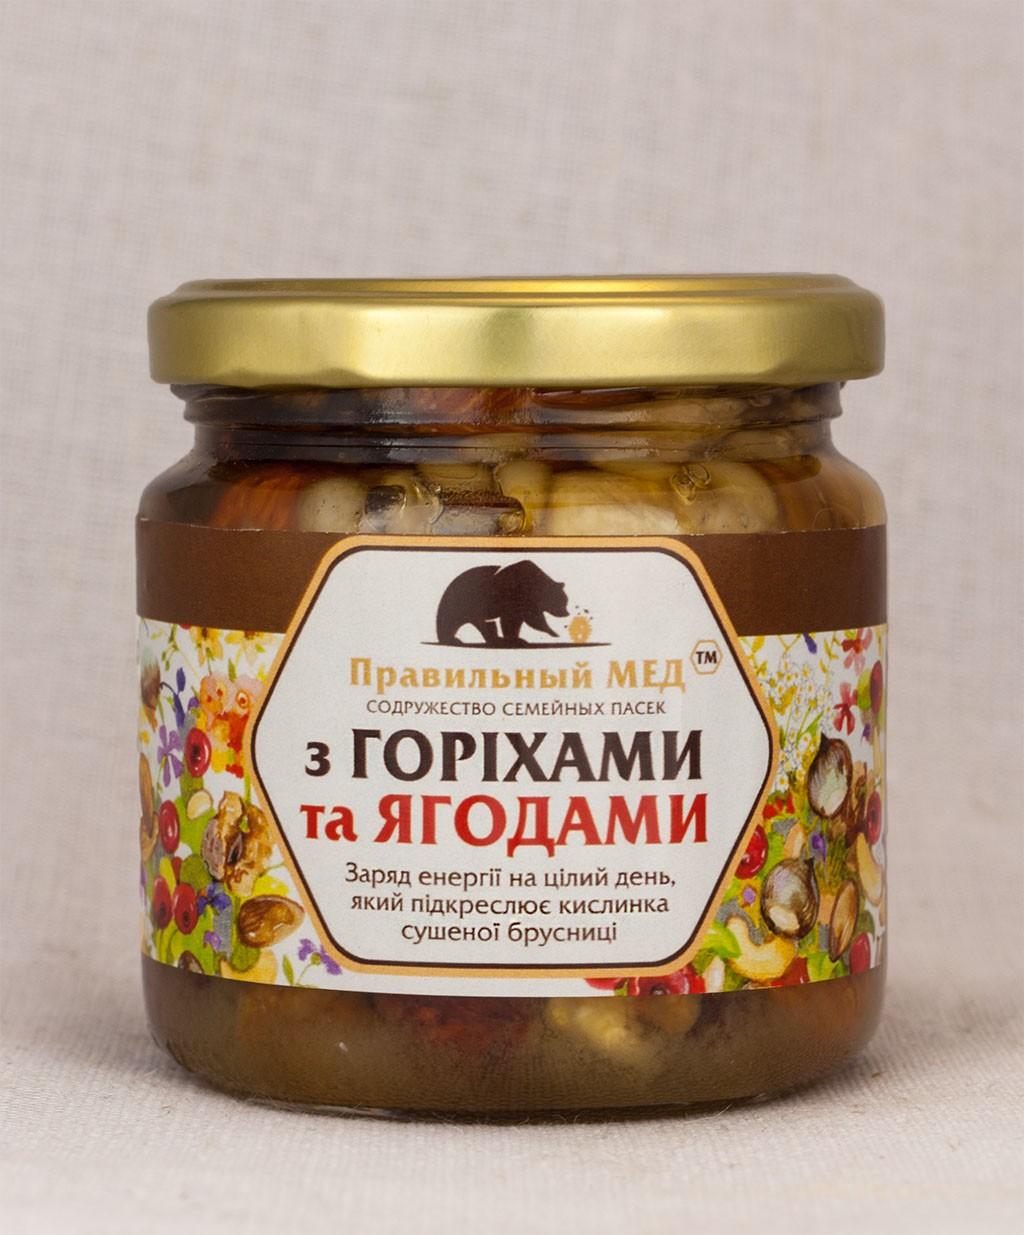 Мед с орехами и ягодами. Крем-мед с добаками